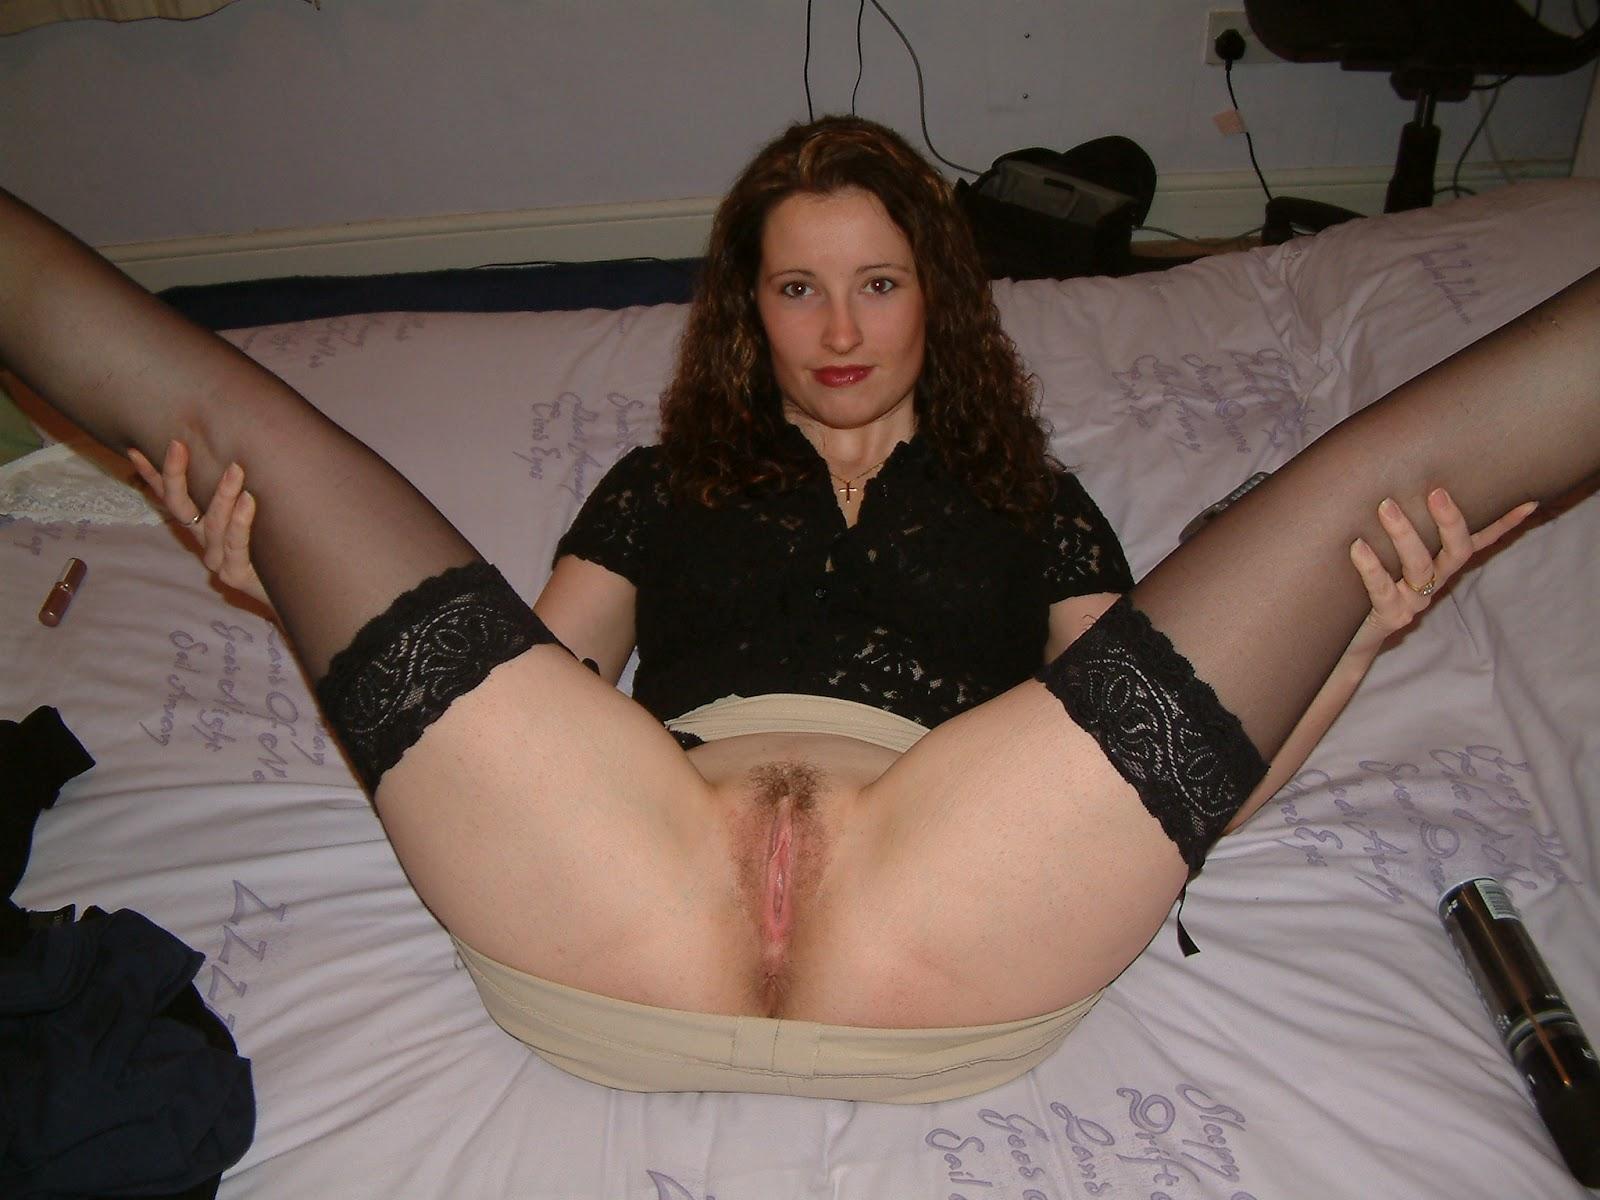 Фото мама расставила ноги подняла юбку 7 фотография